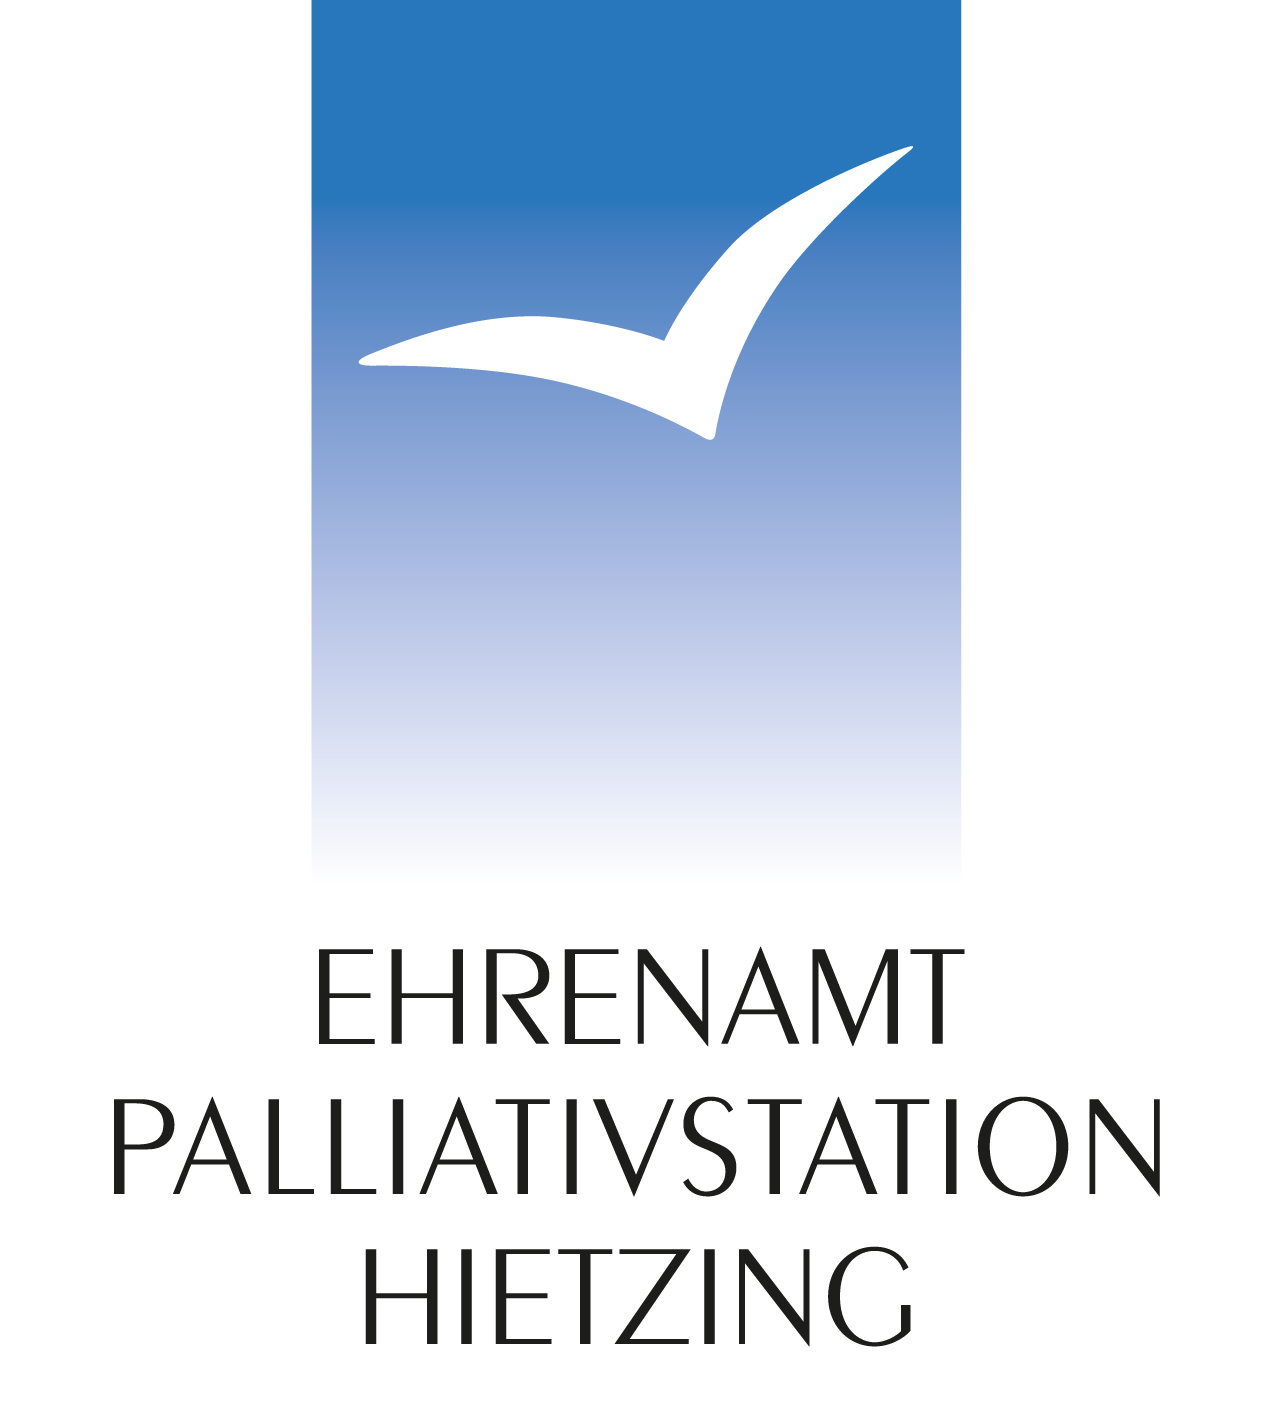 Ehrenamt Pallativstation Hietzing